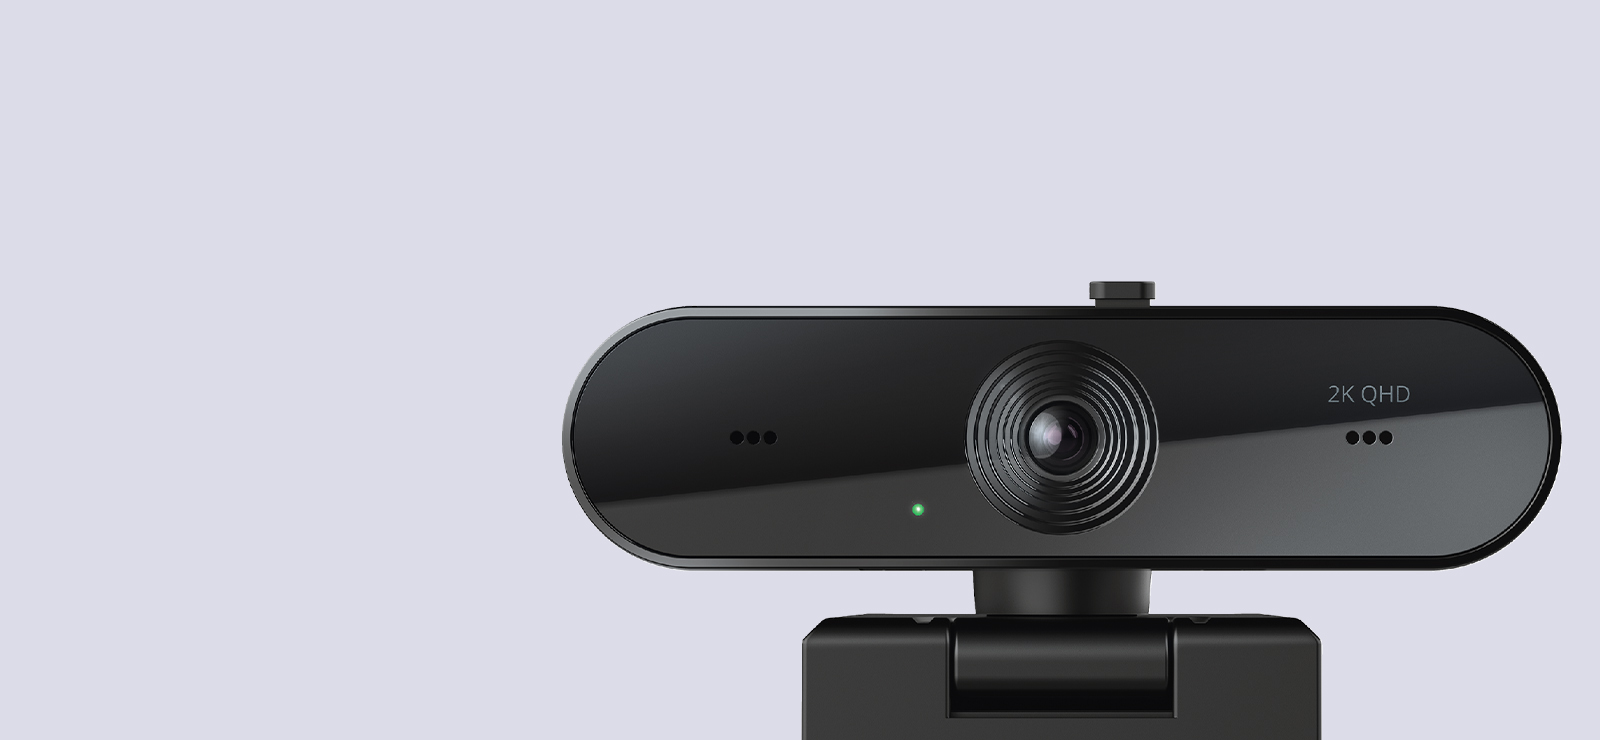 Taxon-QHD-Webcam